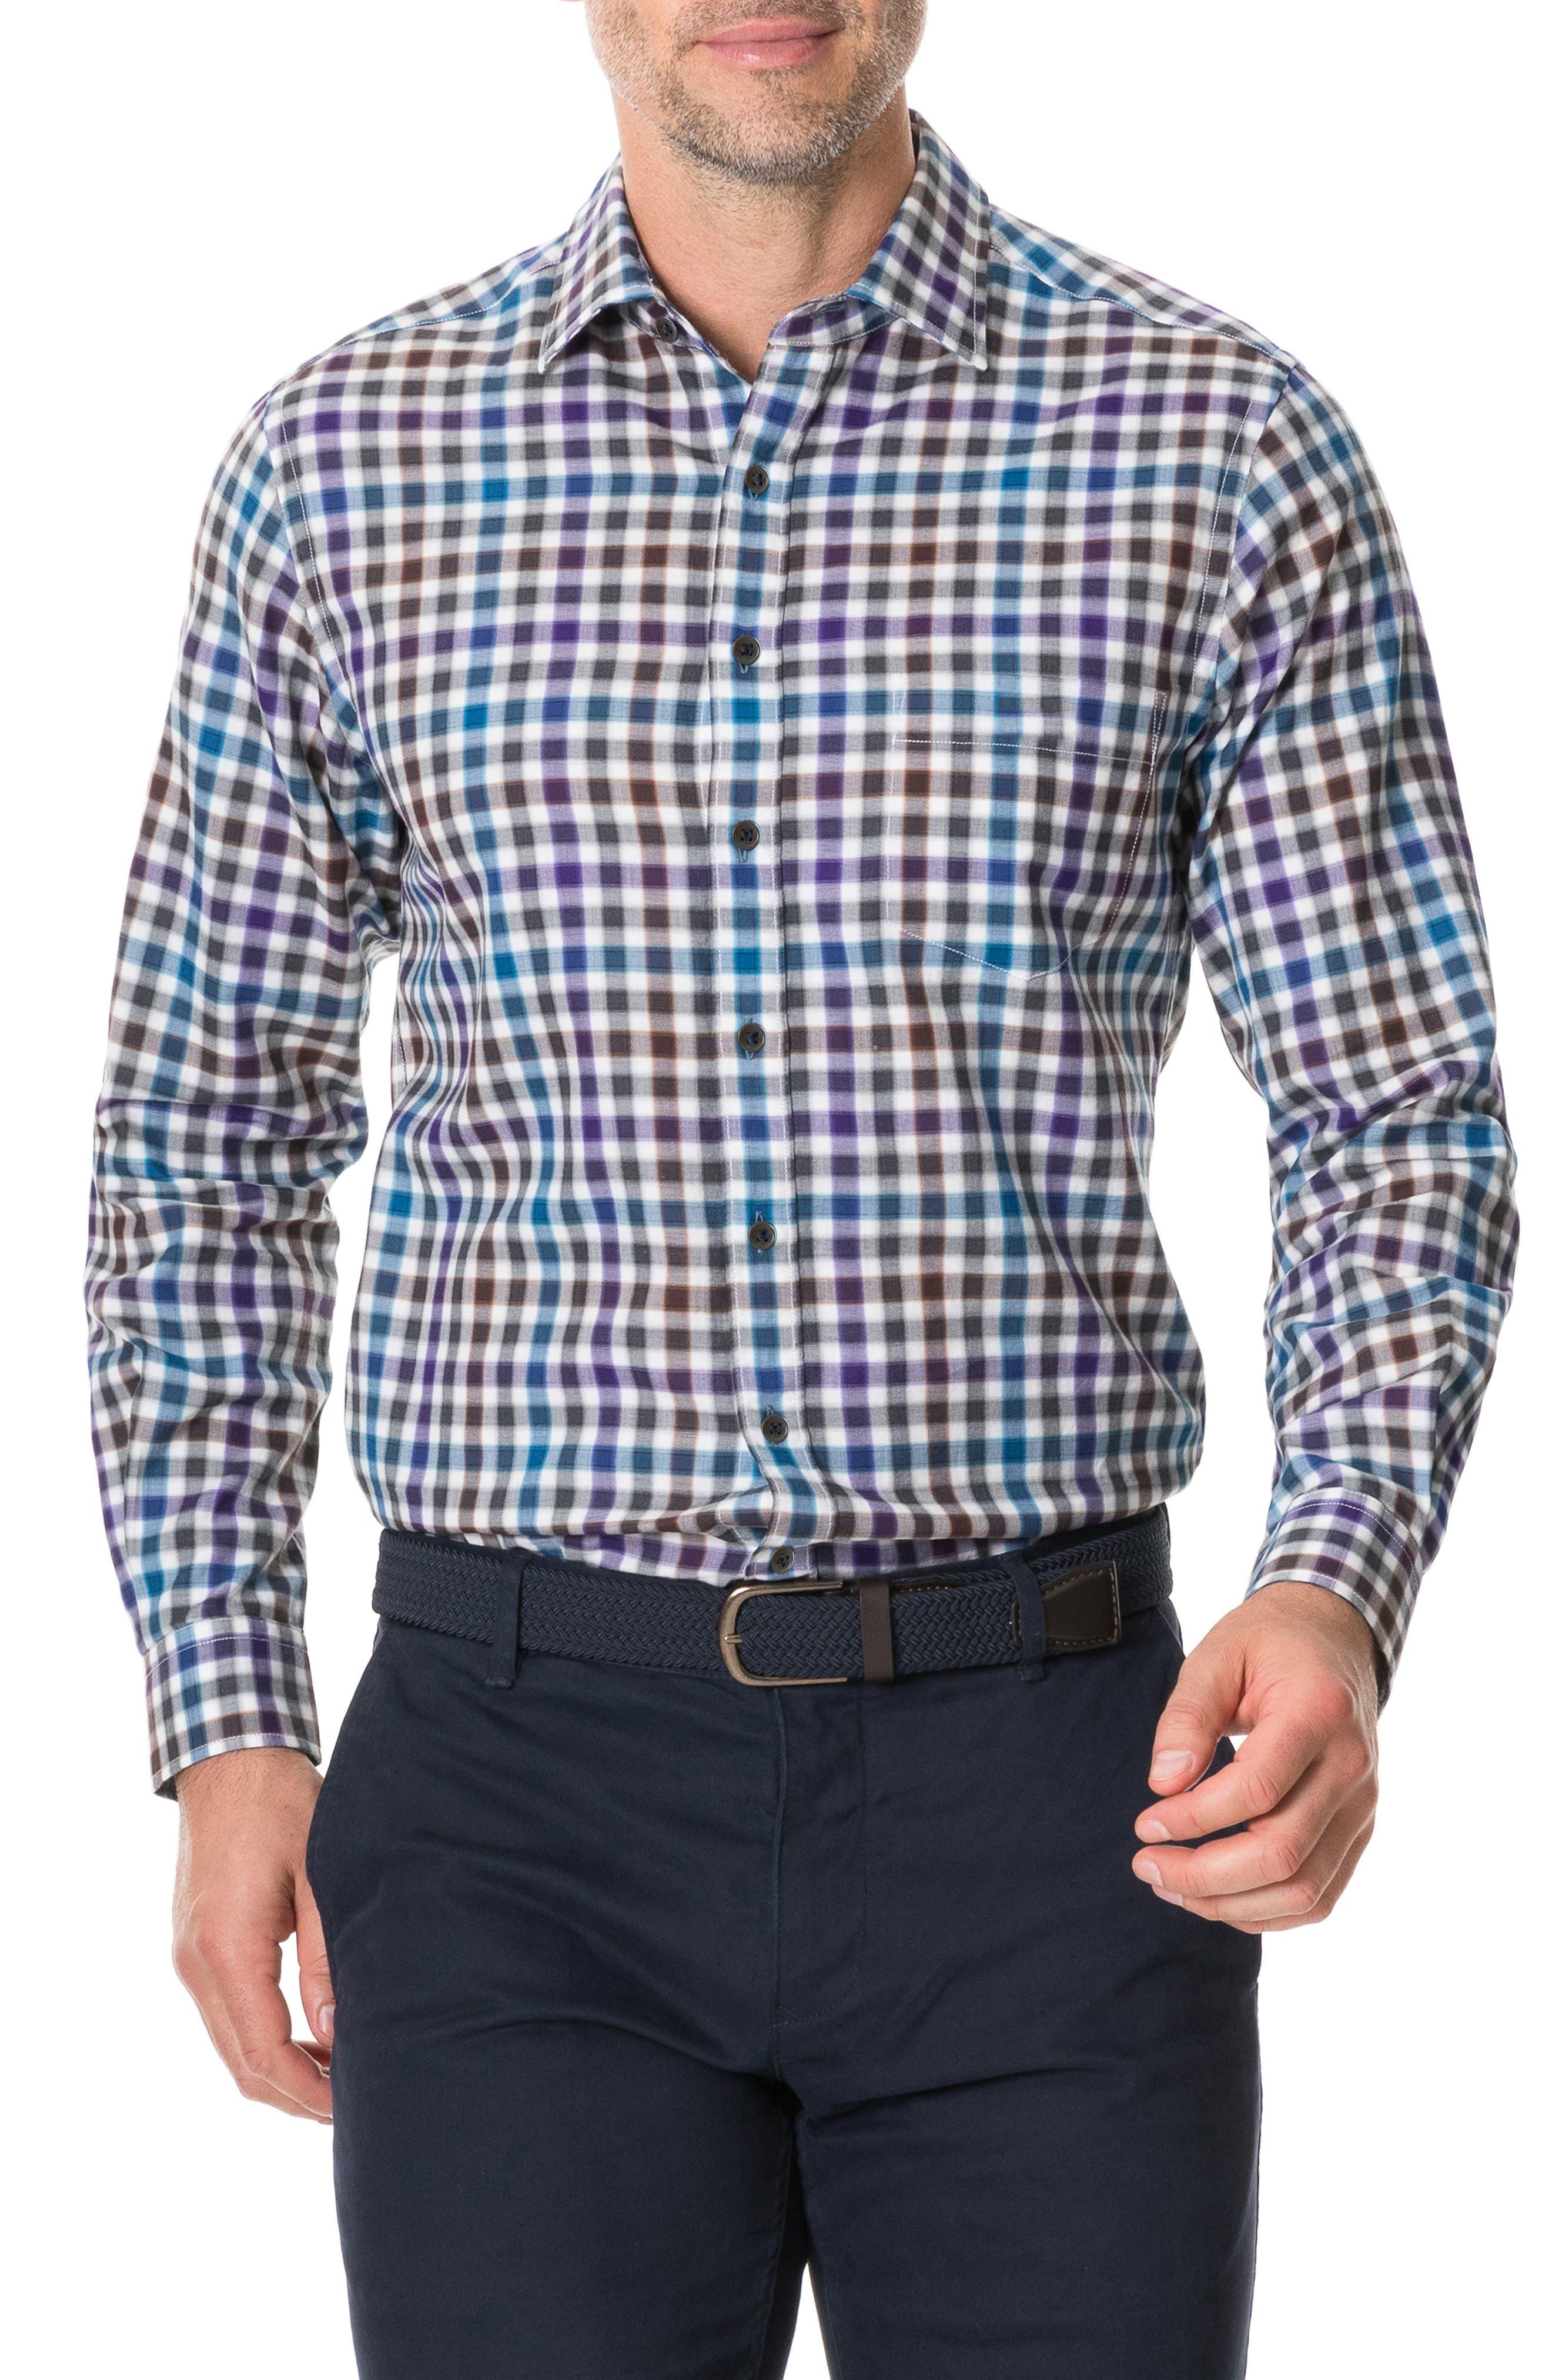 Image of RODD AND GUNN Pentland Hills Regular Fit Check Button-Up Shirt